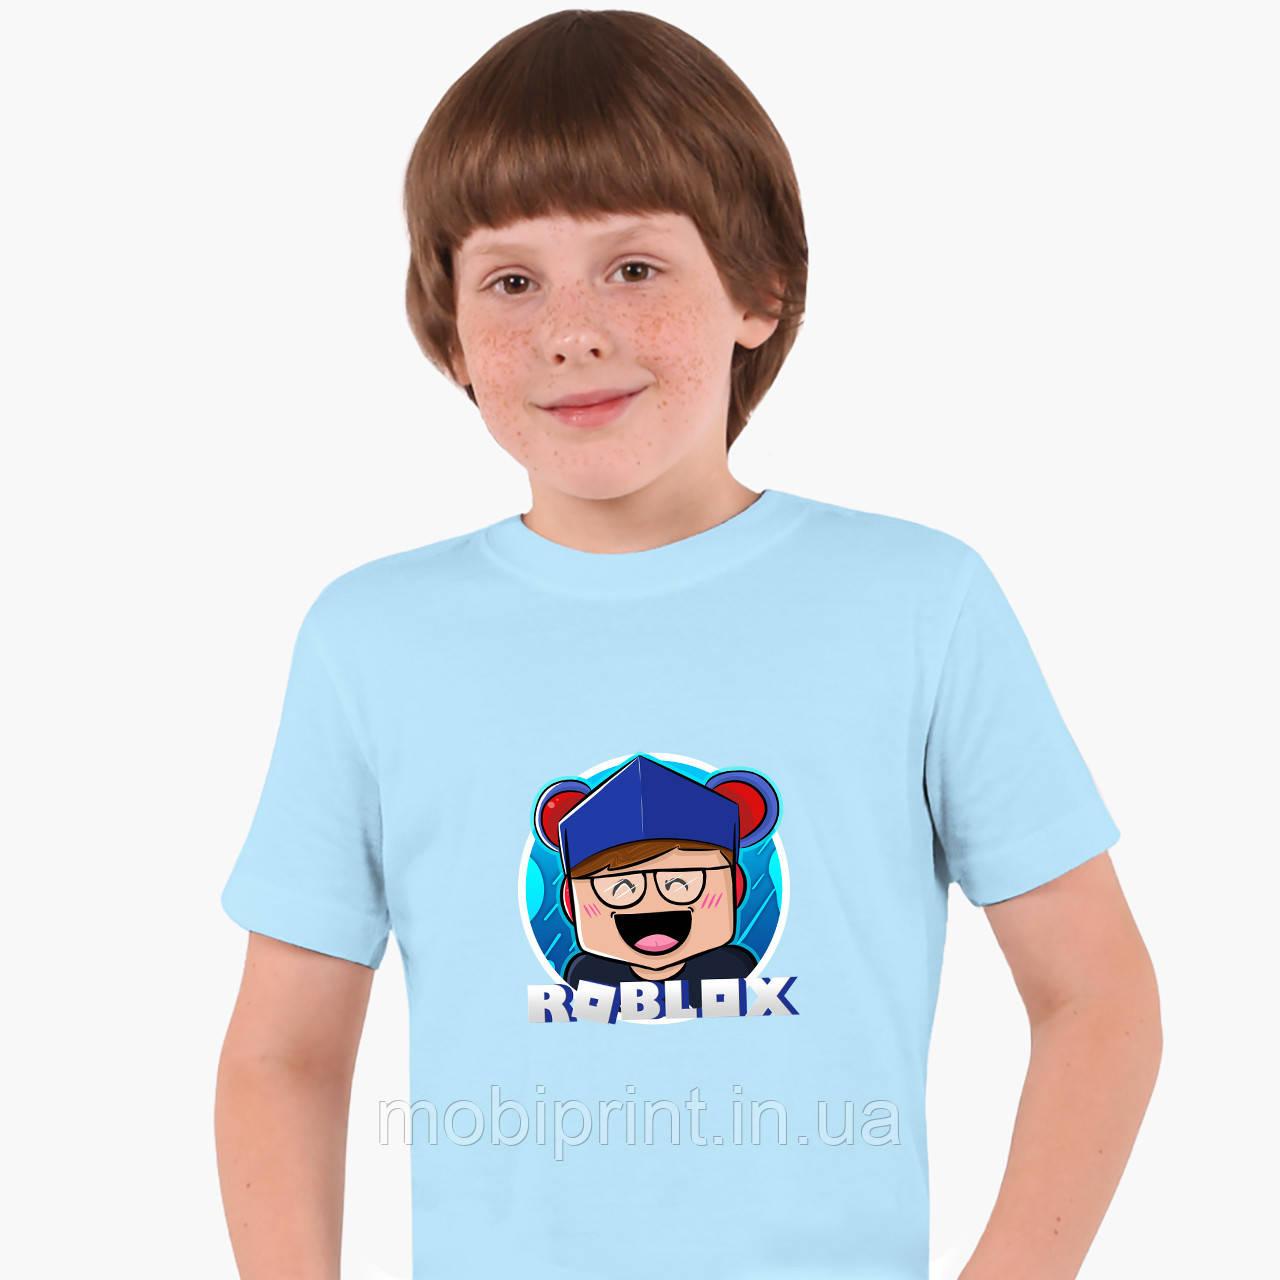 Детская футболка для мальчиков Роблокс (Roblox) (25186-1220) Голубой